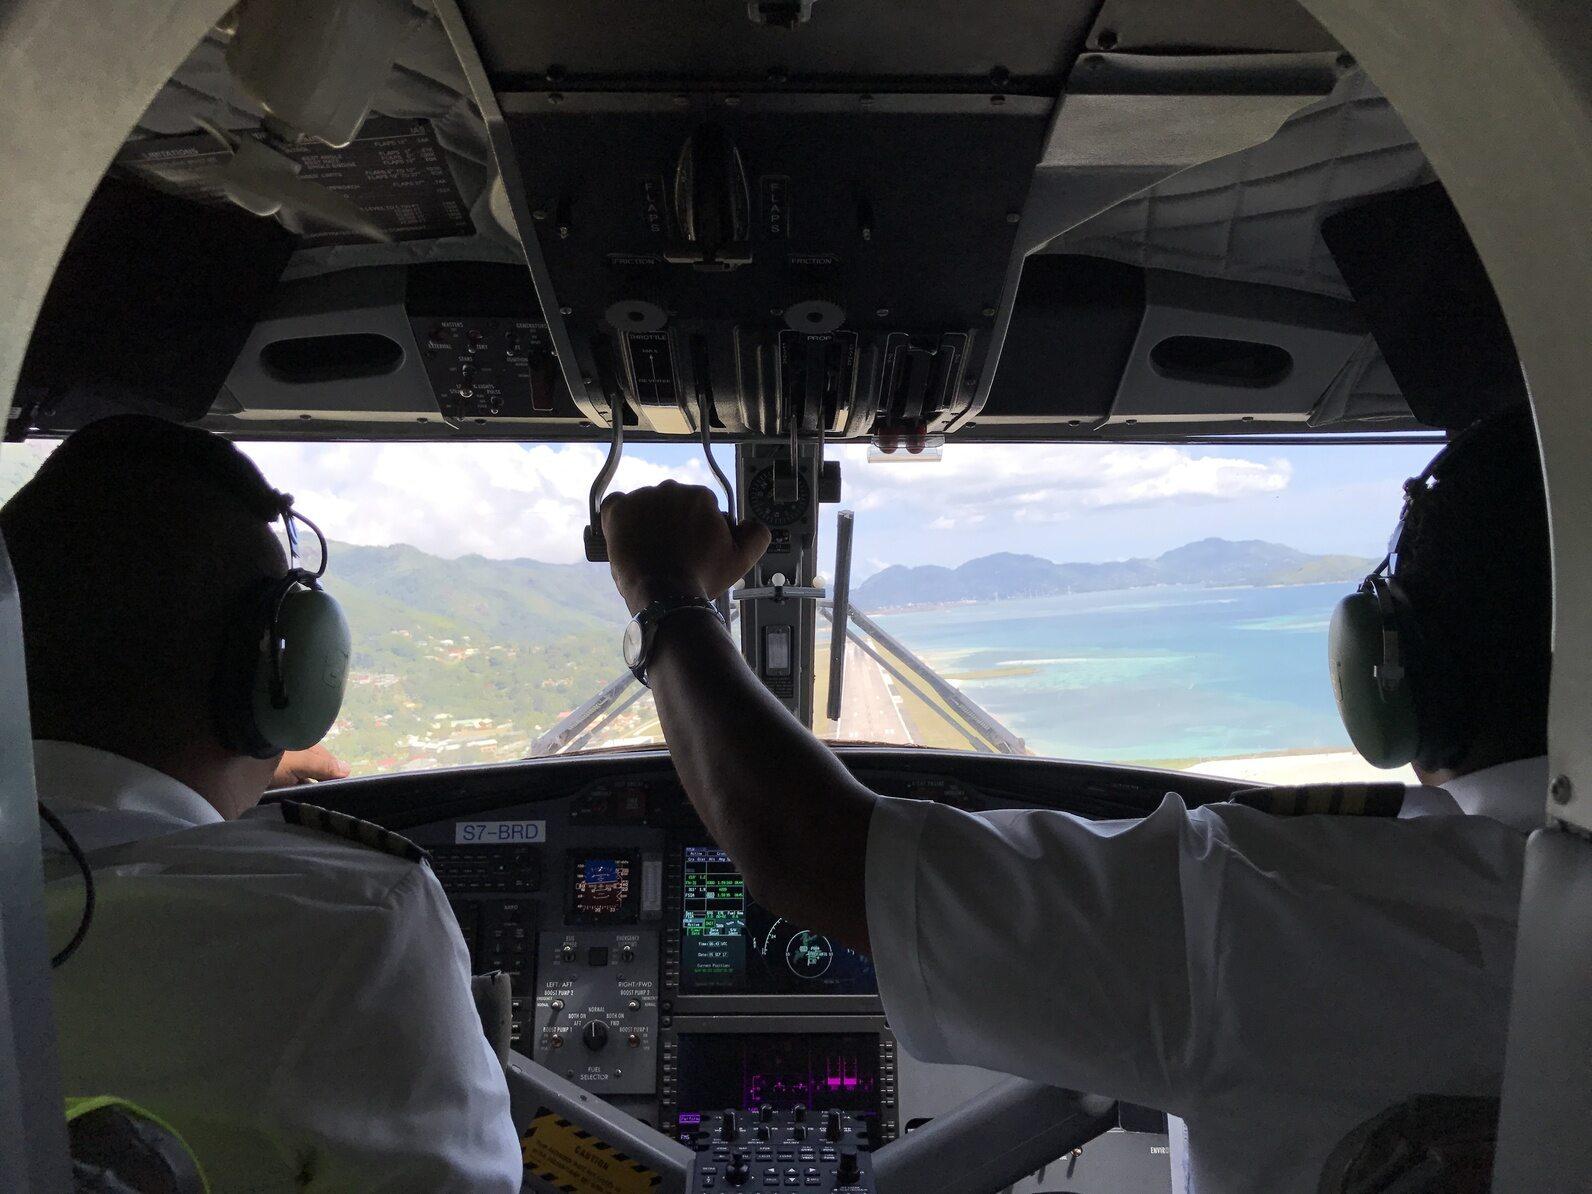 Kokpit samolotu, zdjęcie ilustracyjne